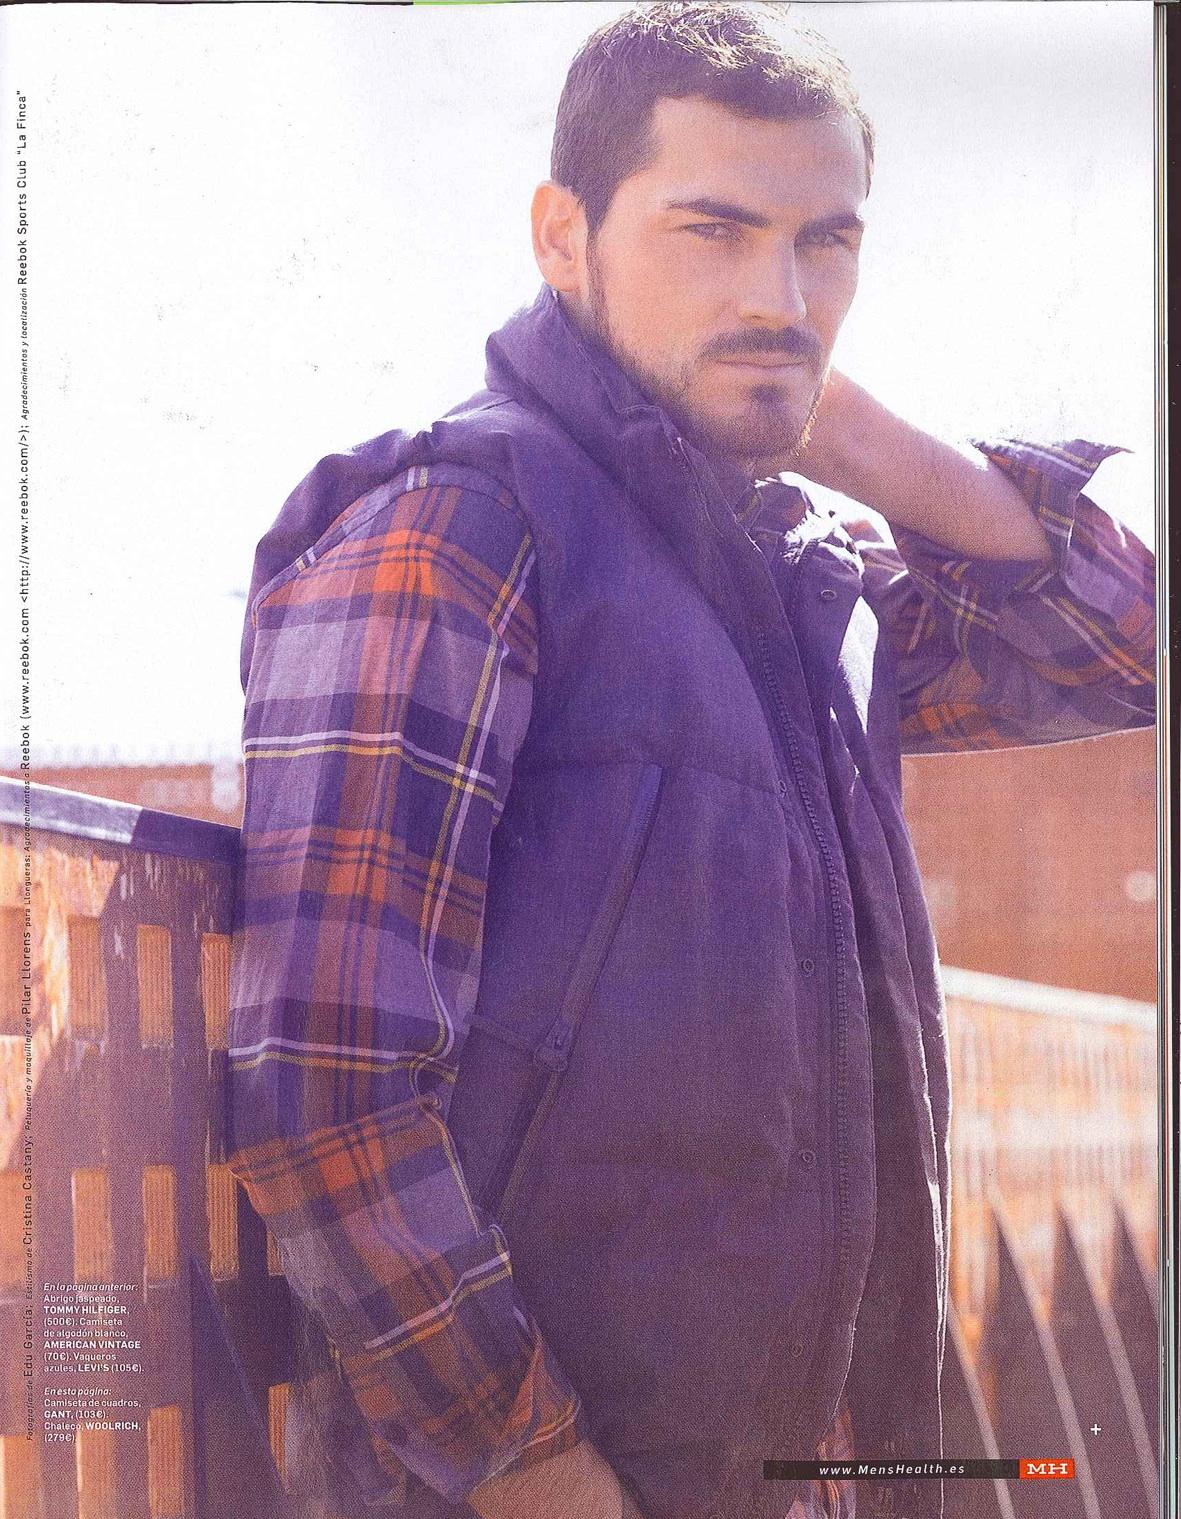 http://4.bp.blogspot.com/-D5CC9a5x1rU/T0UkvwDiDyI/AAAAAAAAAU8/Tv6ibYEReHk/s1600/Iker+Casillas+1.jpg